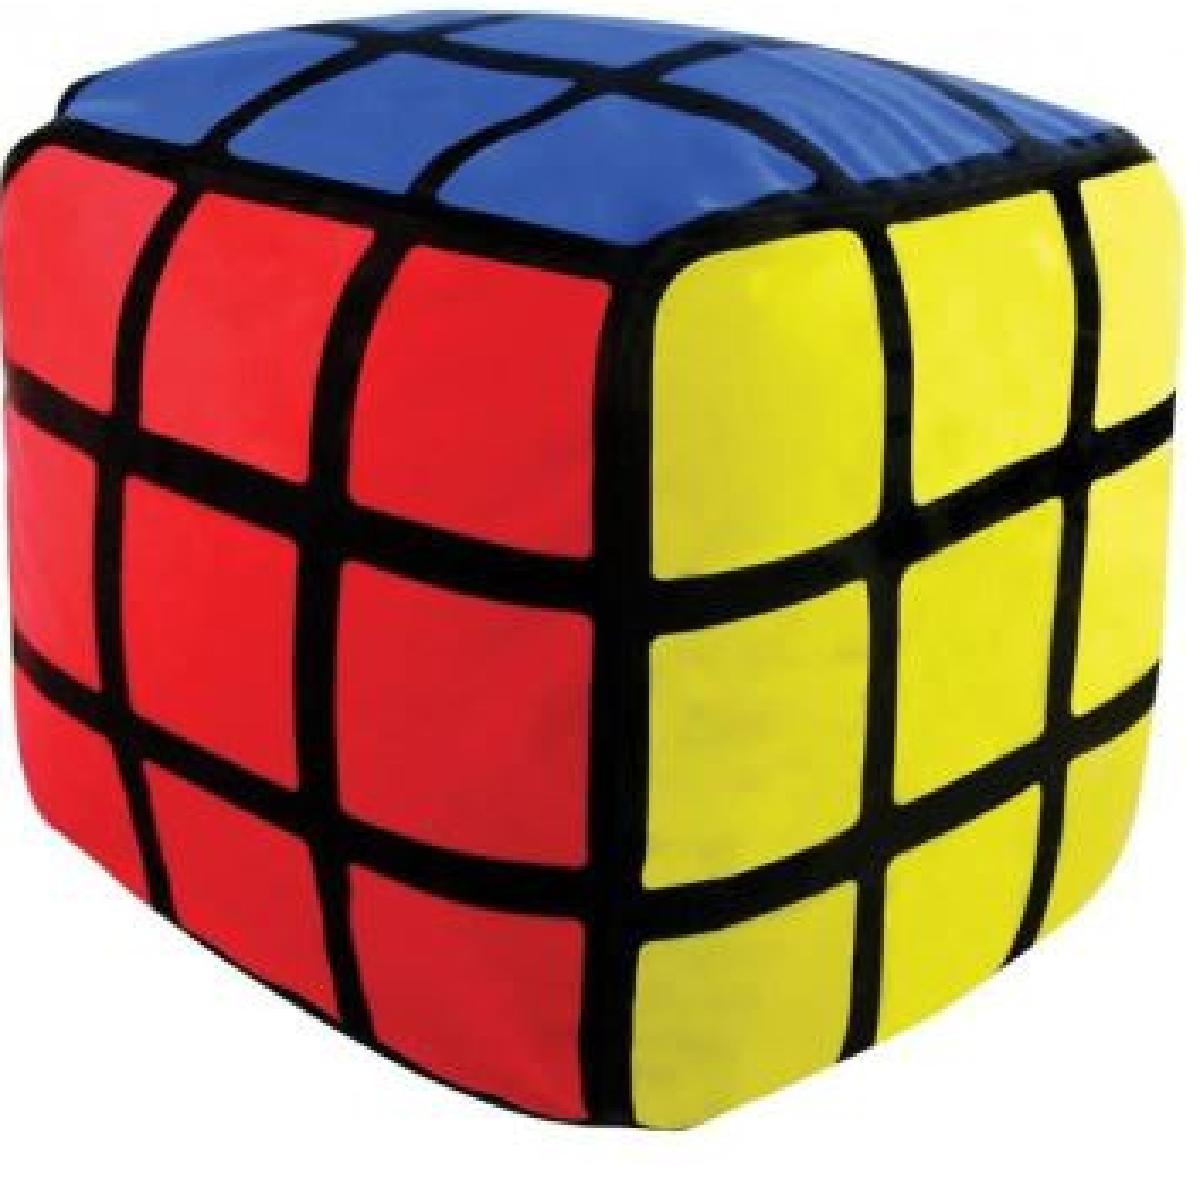 Le pouf en forme de Rubik's Cube